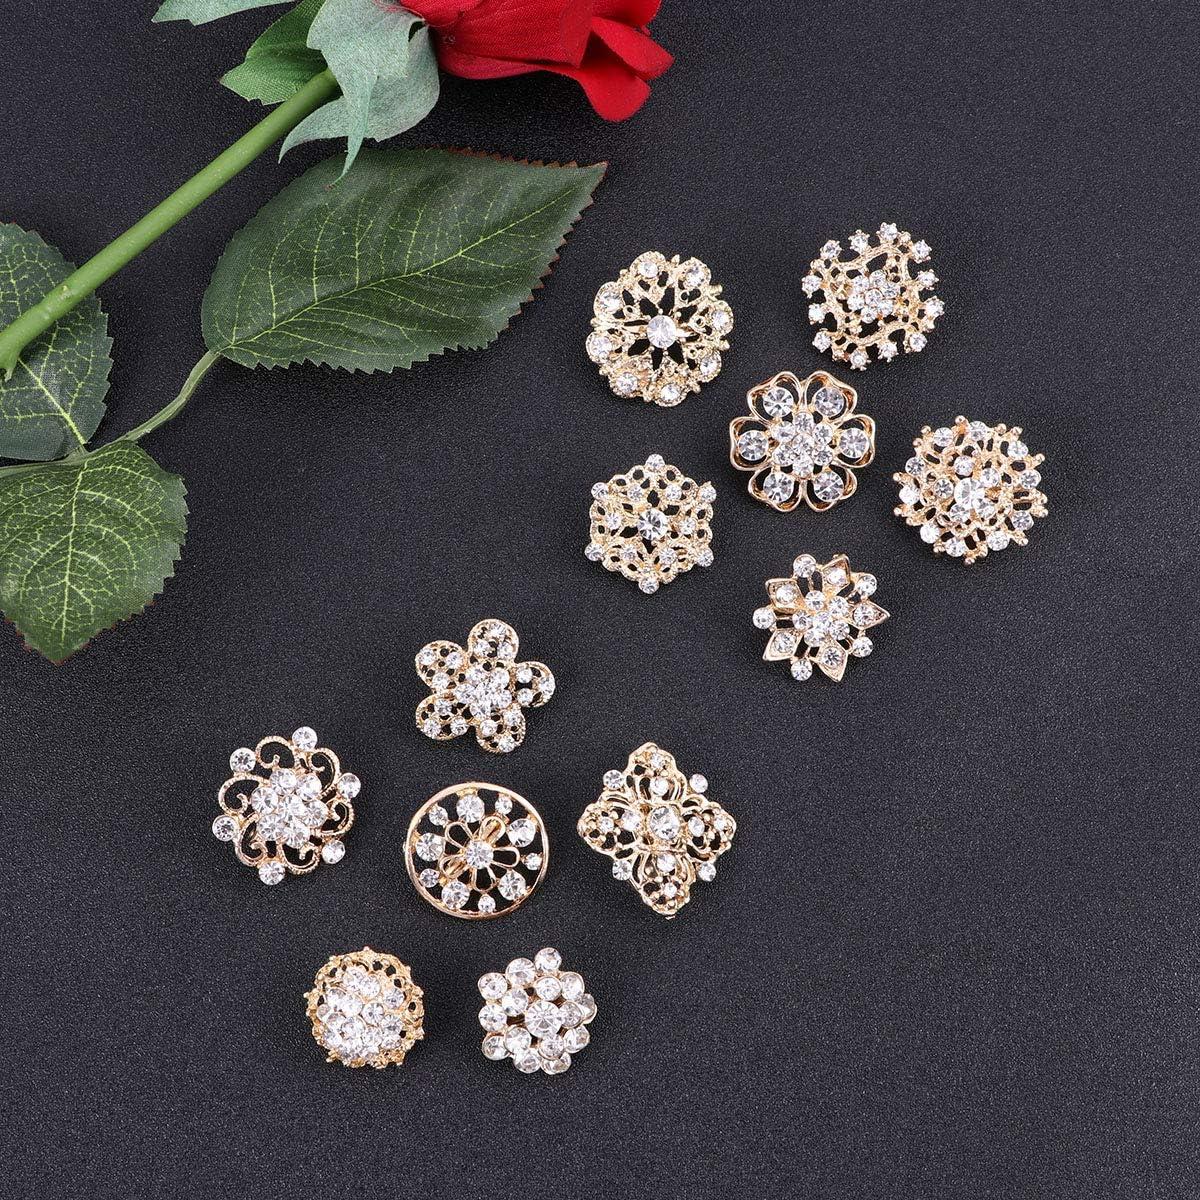 Diamant dor Et Blanc TENDYCOCO 12 Pcs Fleur Cristal Petite Broche Mode Femmes Pins Alliage Pinces /À V/êtements